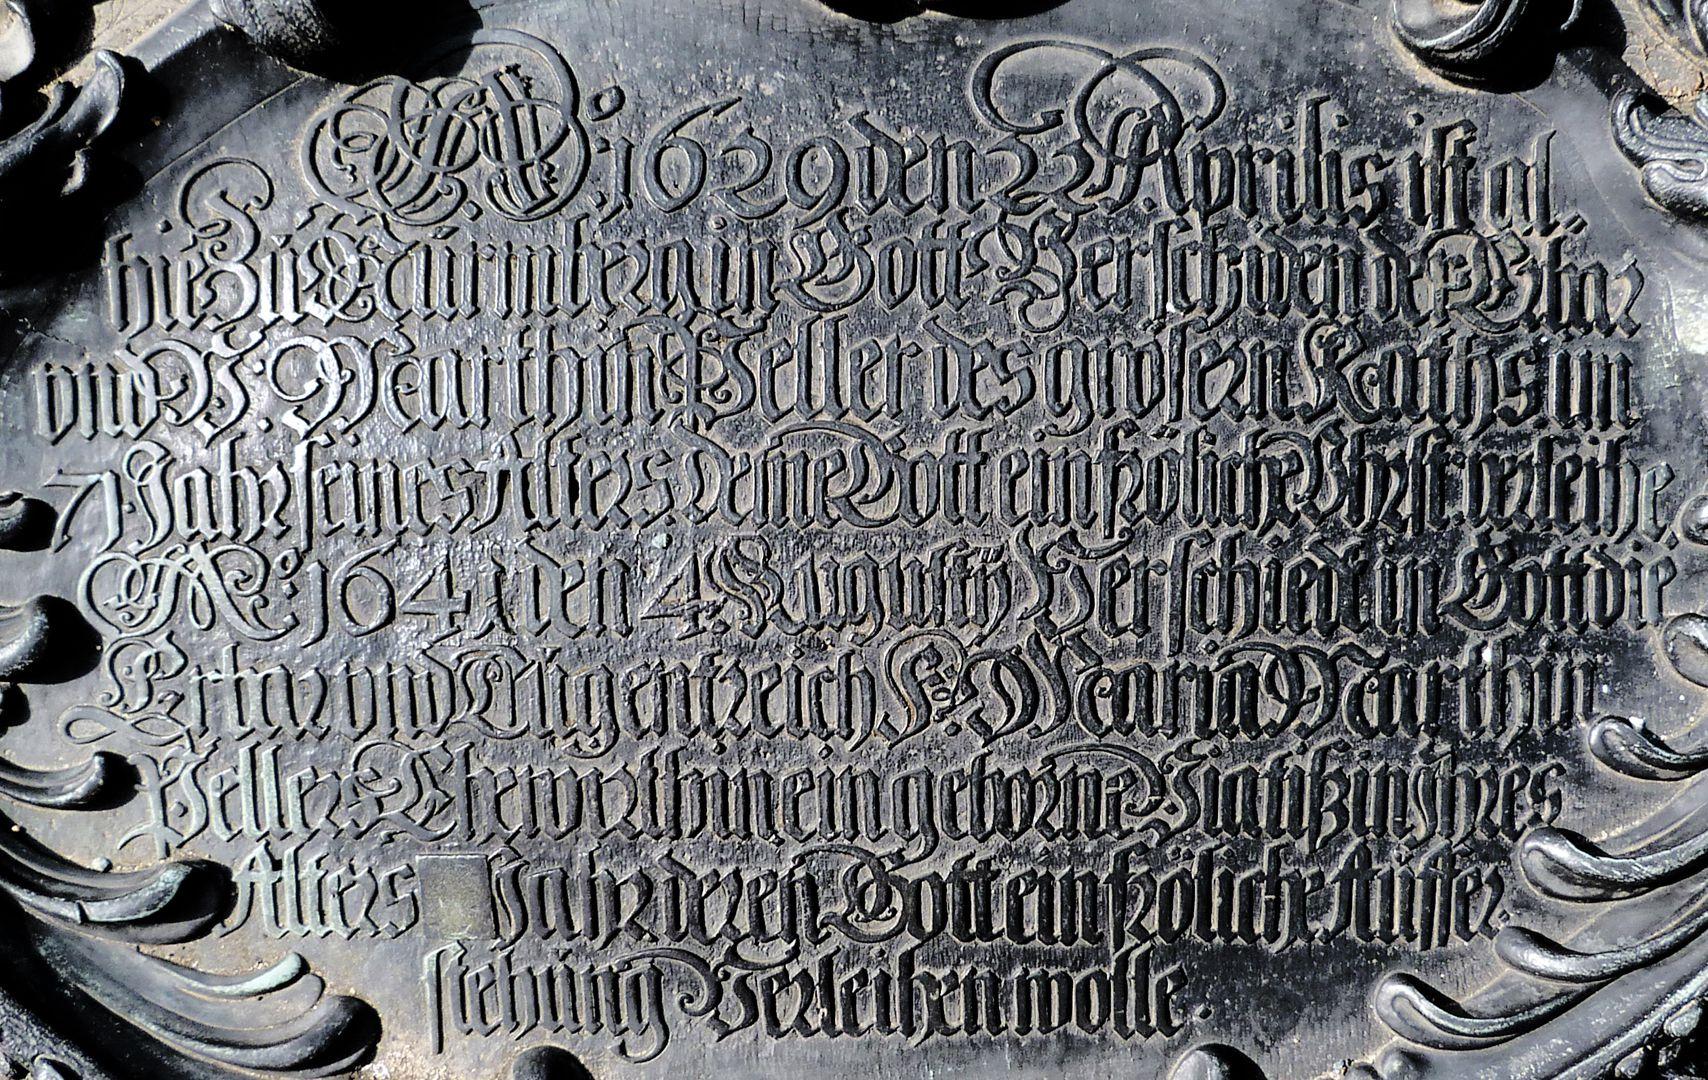 Epitaph des Martin Peller (gest. 1629) und Ehefrau Maria Viatis (gest. 1641) Inschriftkartusche, Detail Inschrift